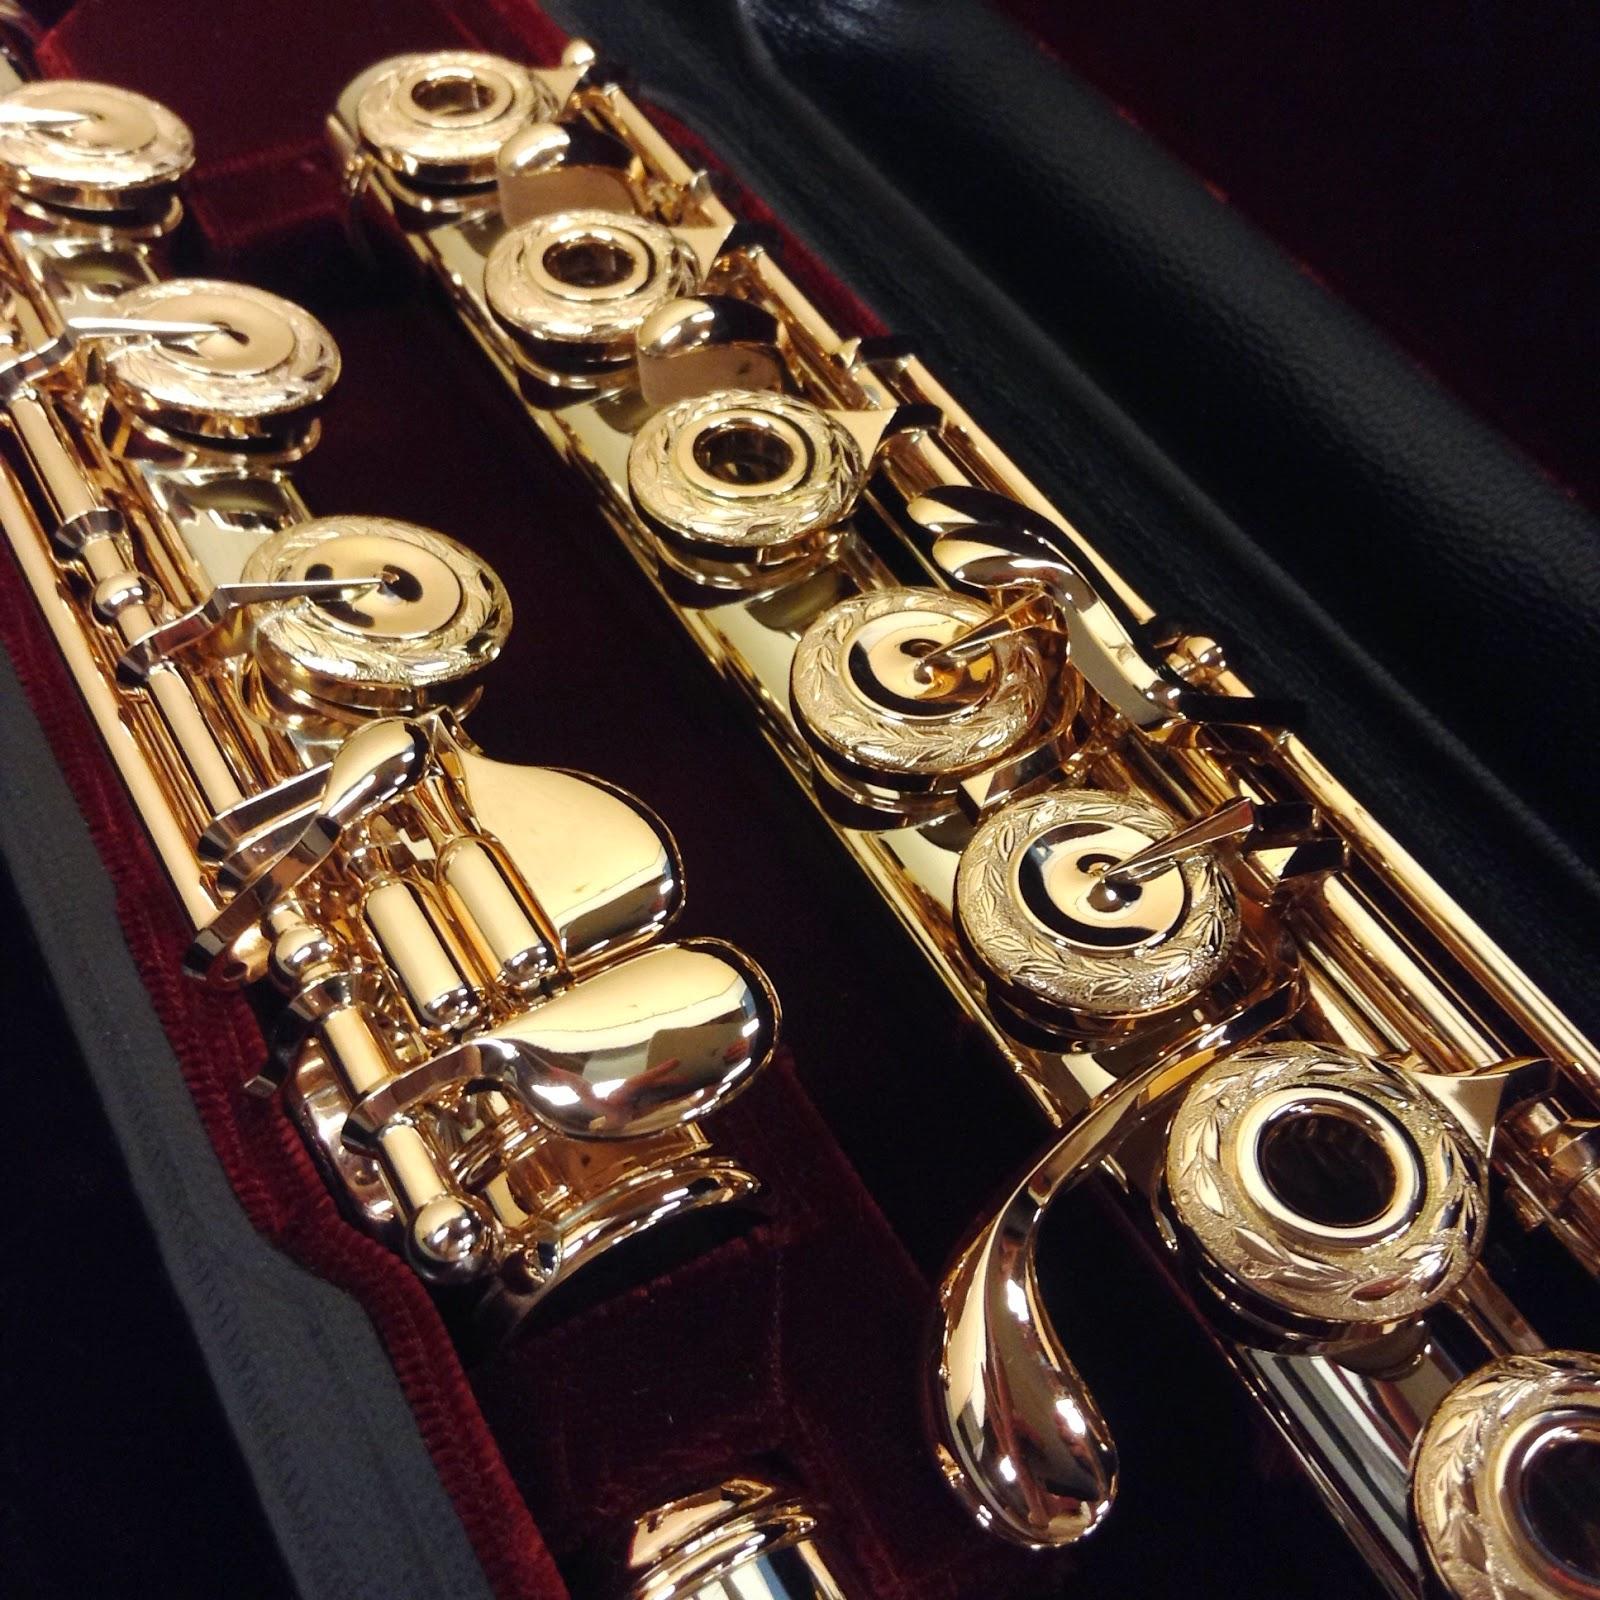 Flute Builder : Building the White Gold Flute - Part 8